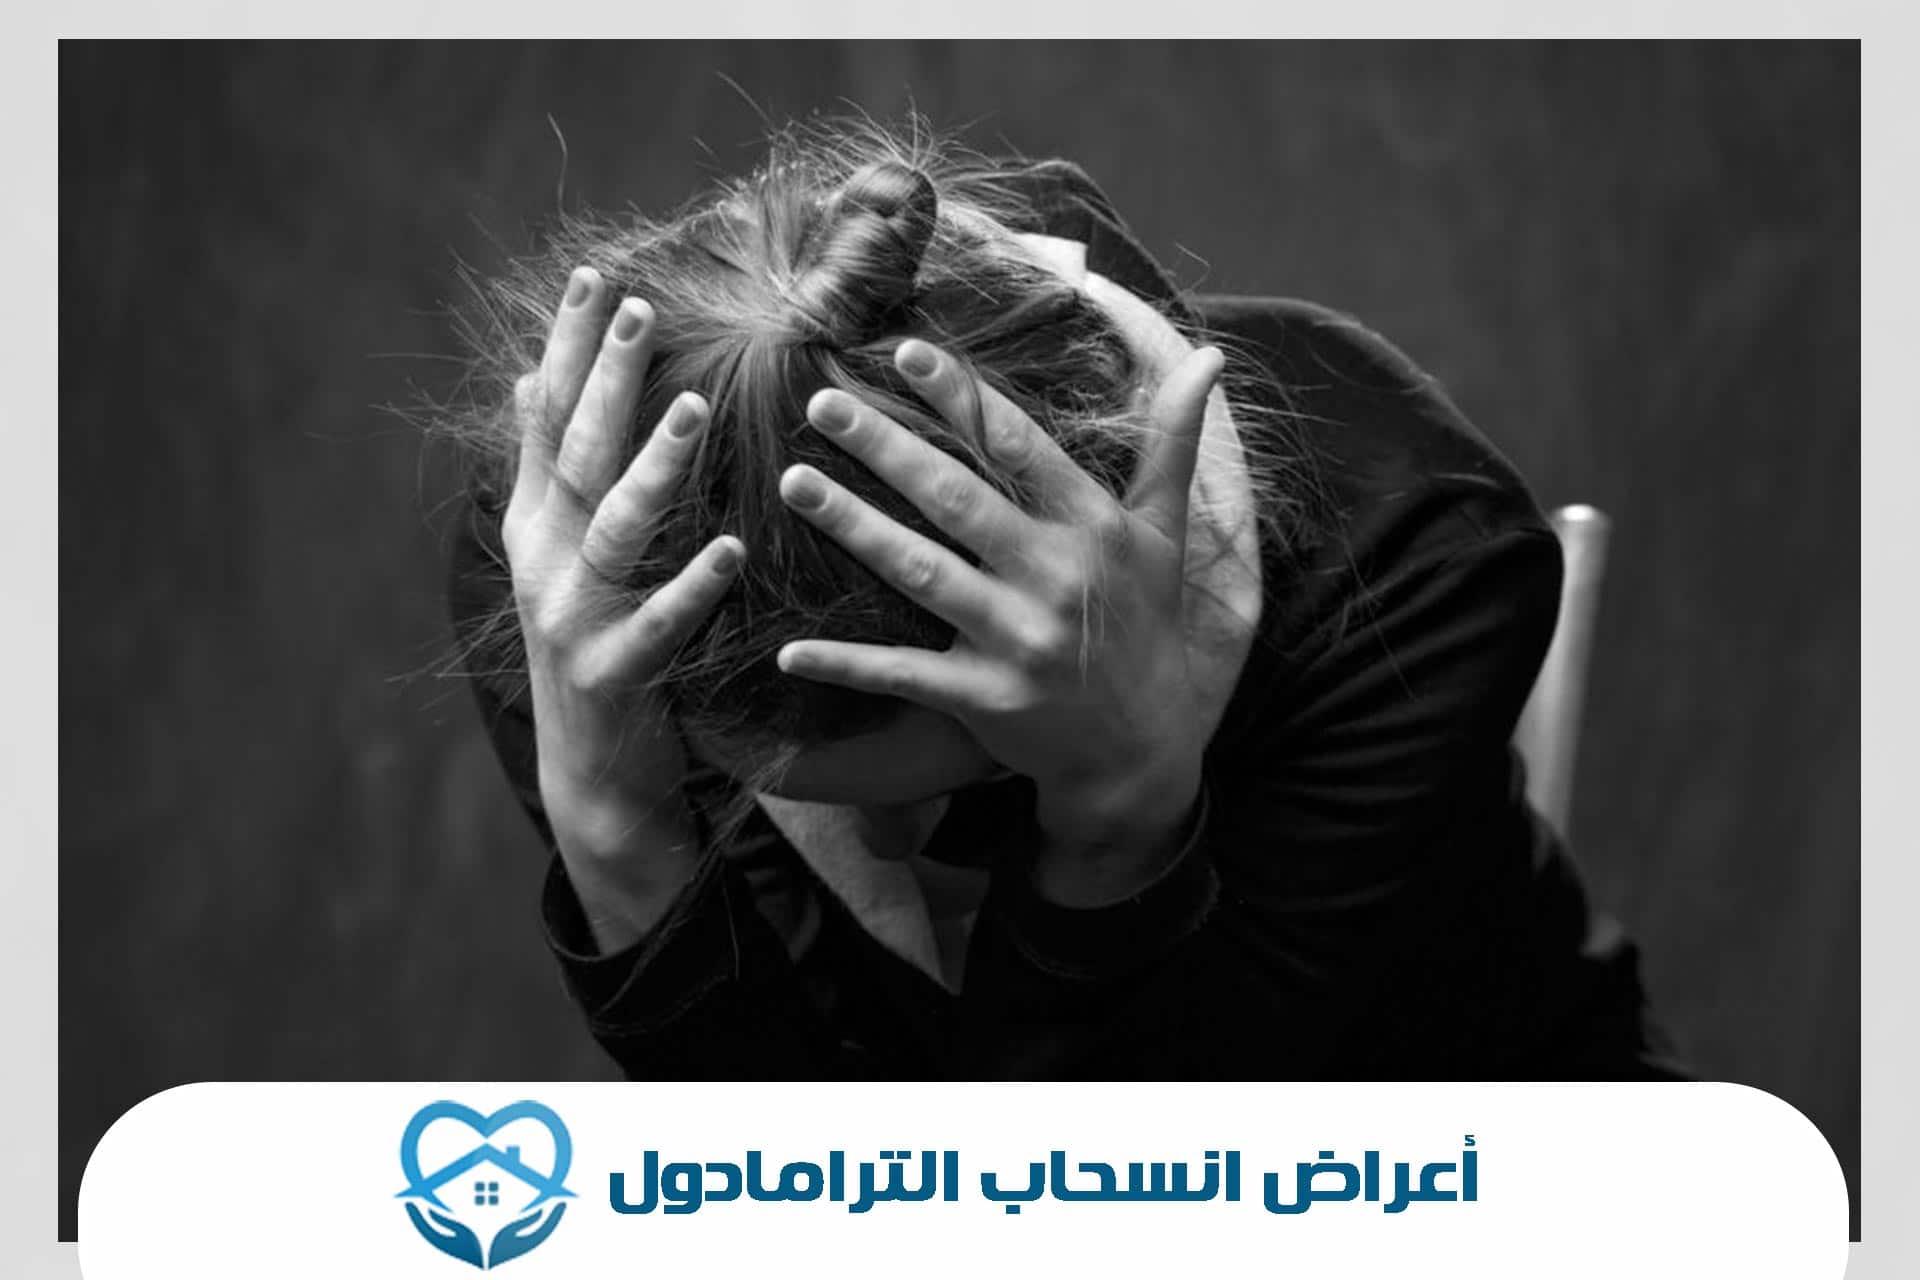 أعراض-انسحاب-الترامادول